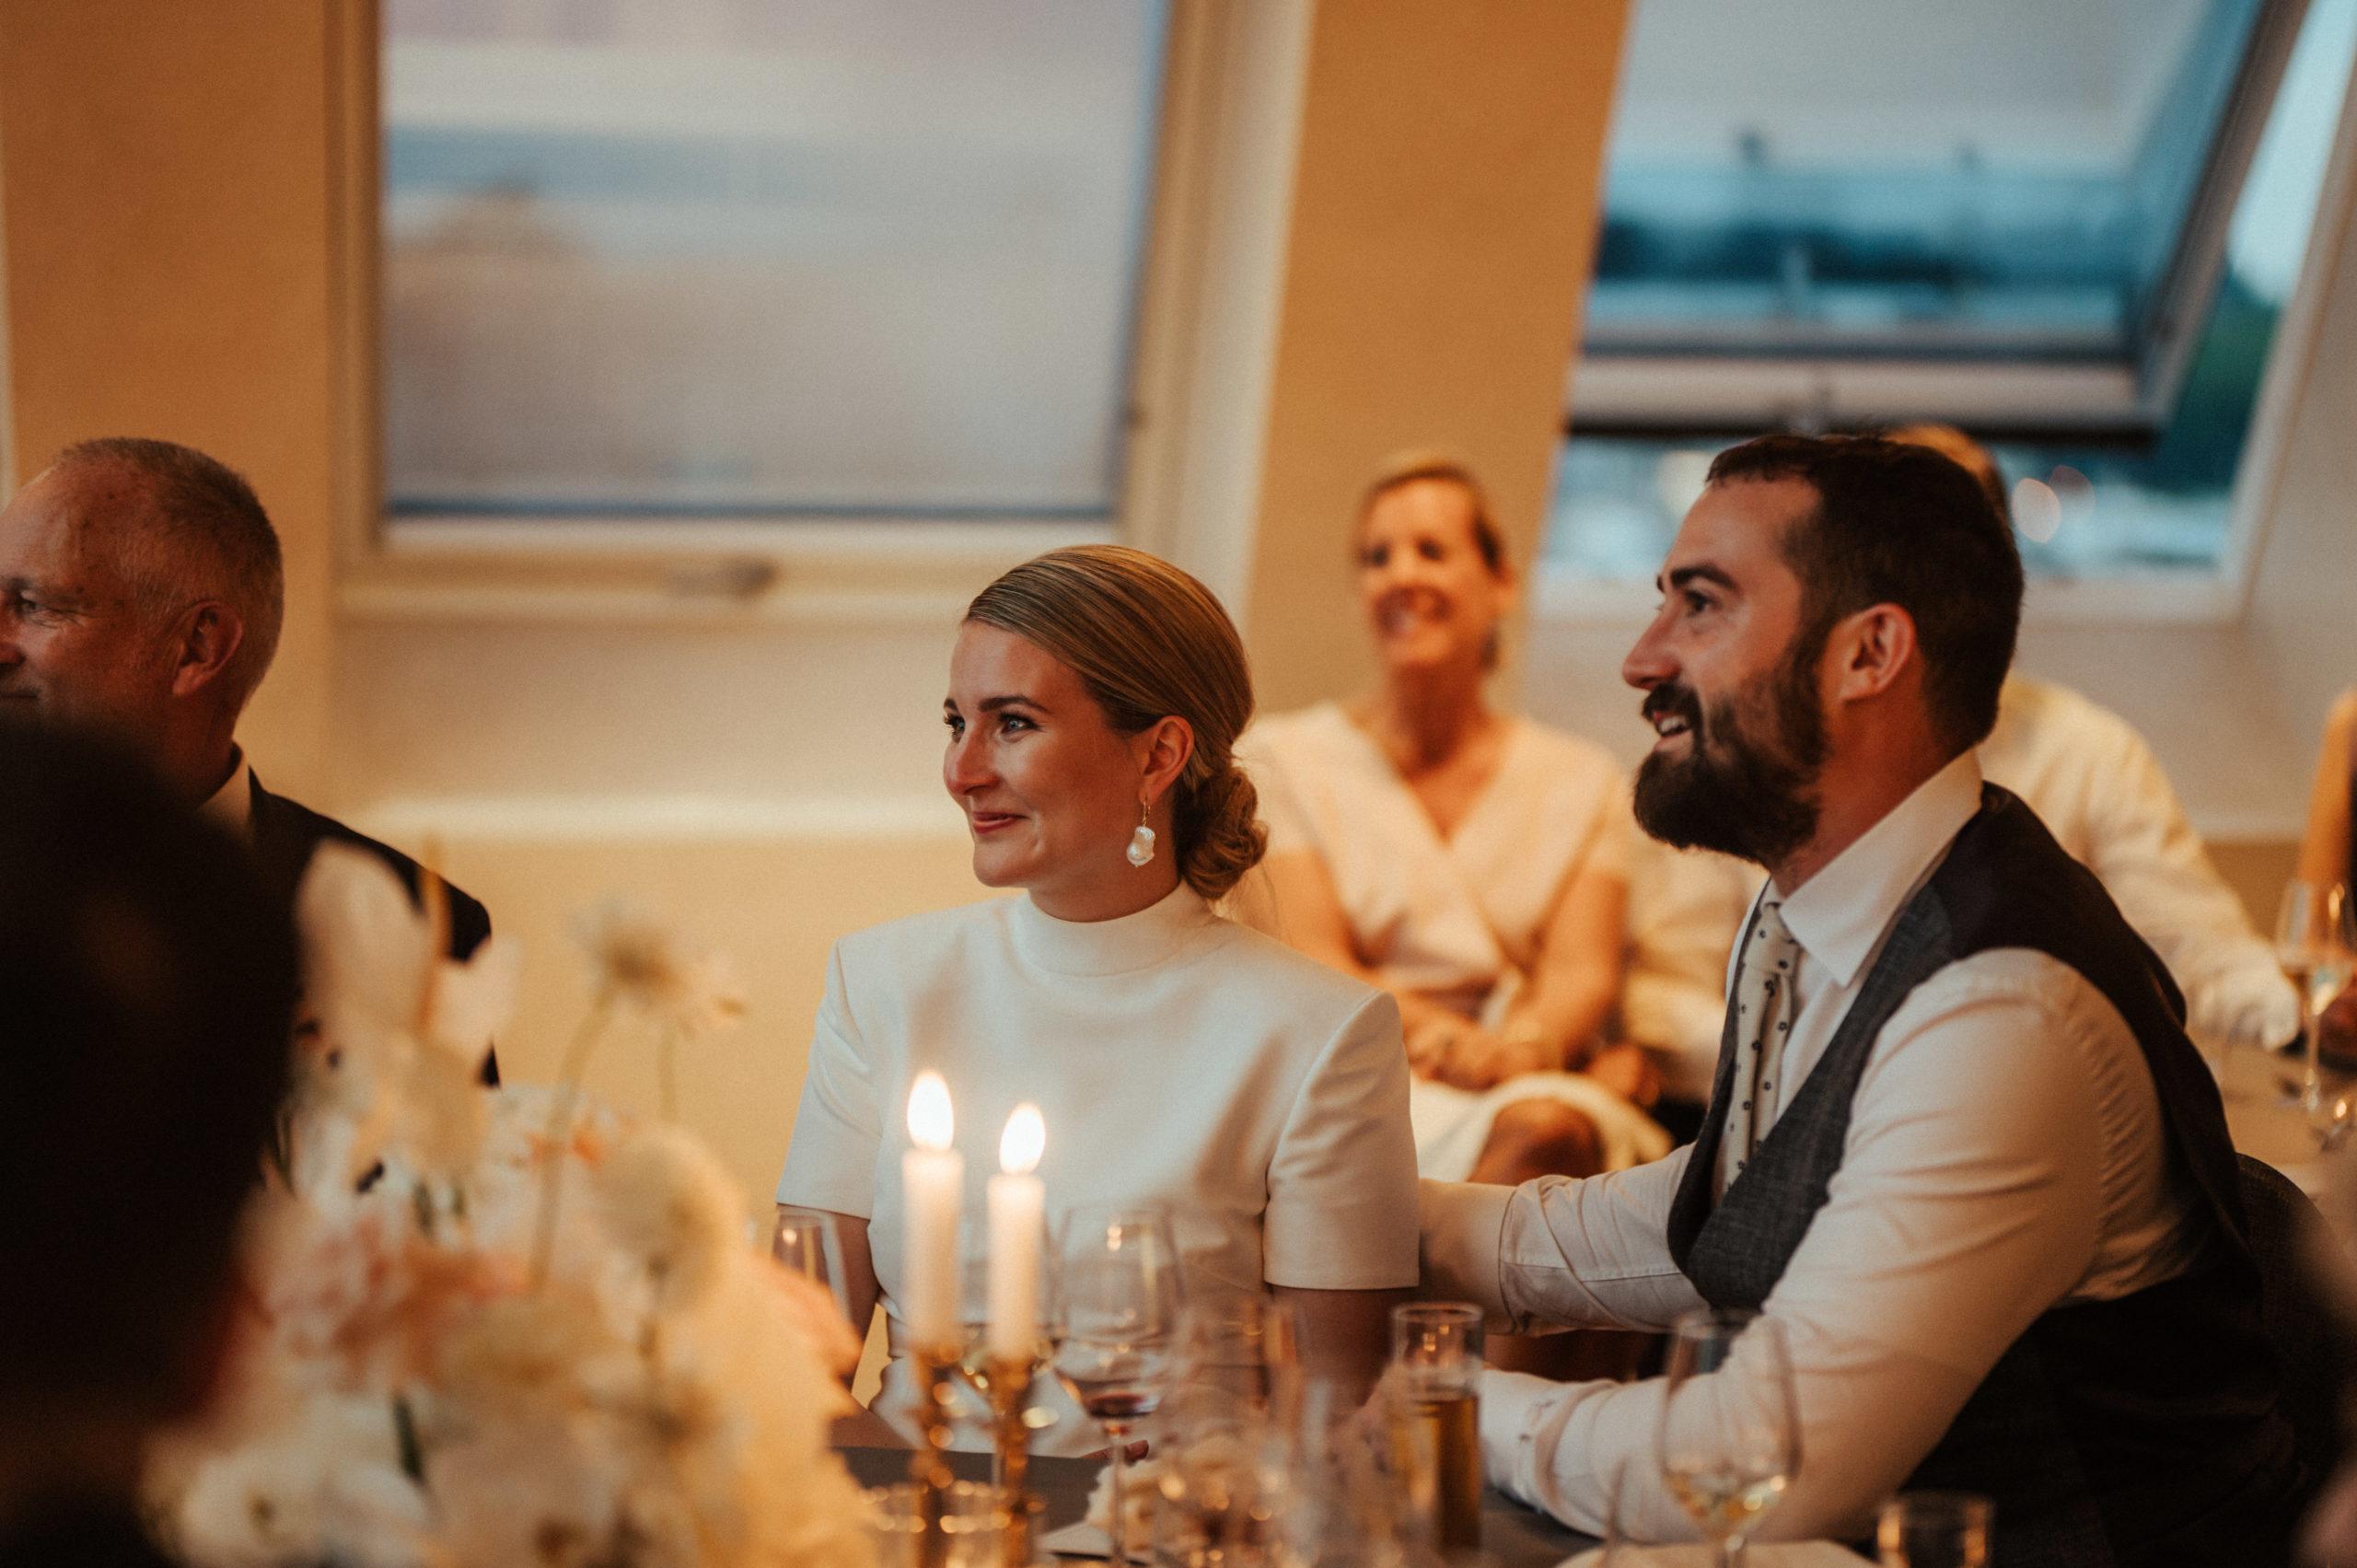 Hochzeitspaar sitzt an Tisch